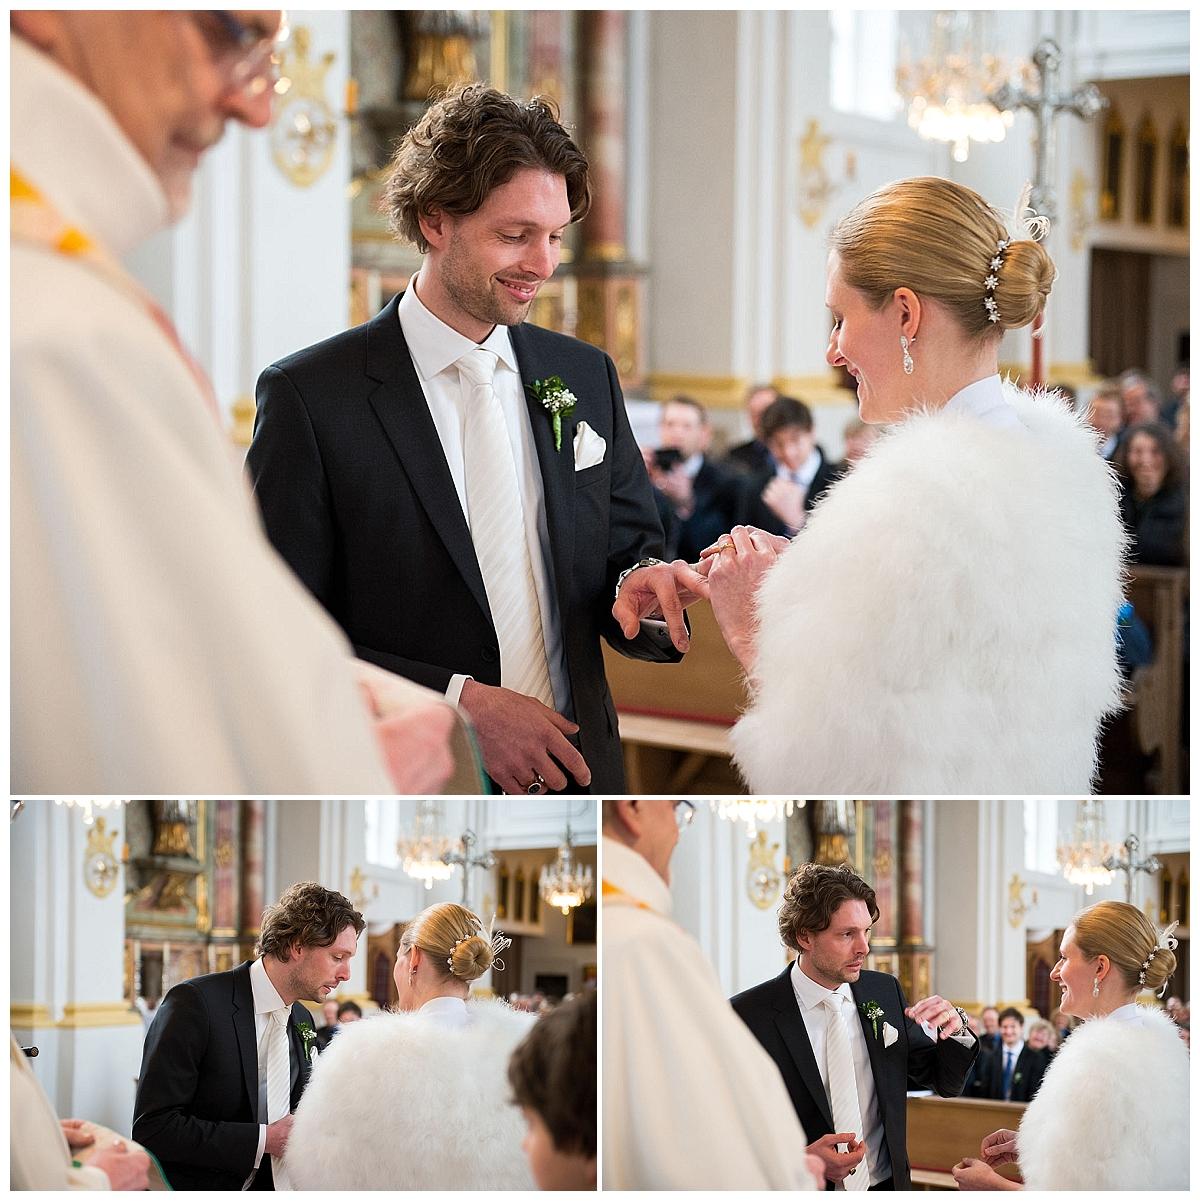 Schelke Fotografie-526_Verrueckt nach Hochzeit_echte Hochzeit_Nicole und Sebastian